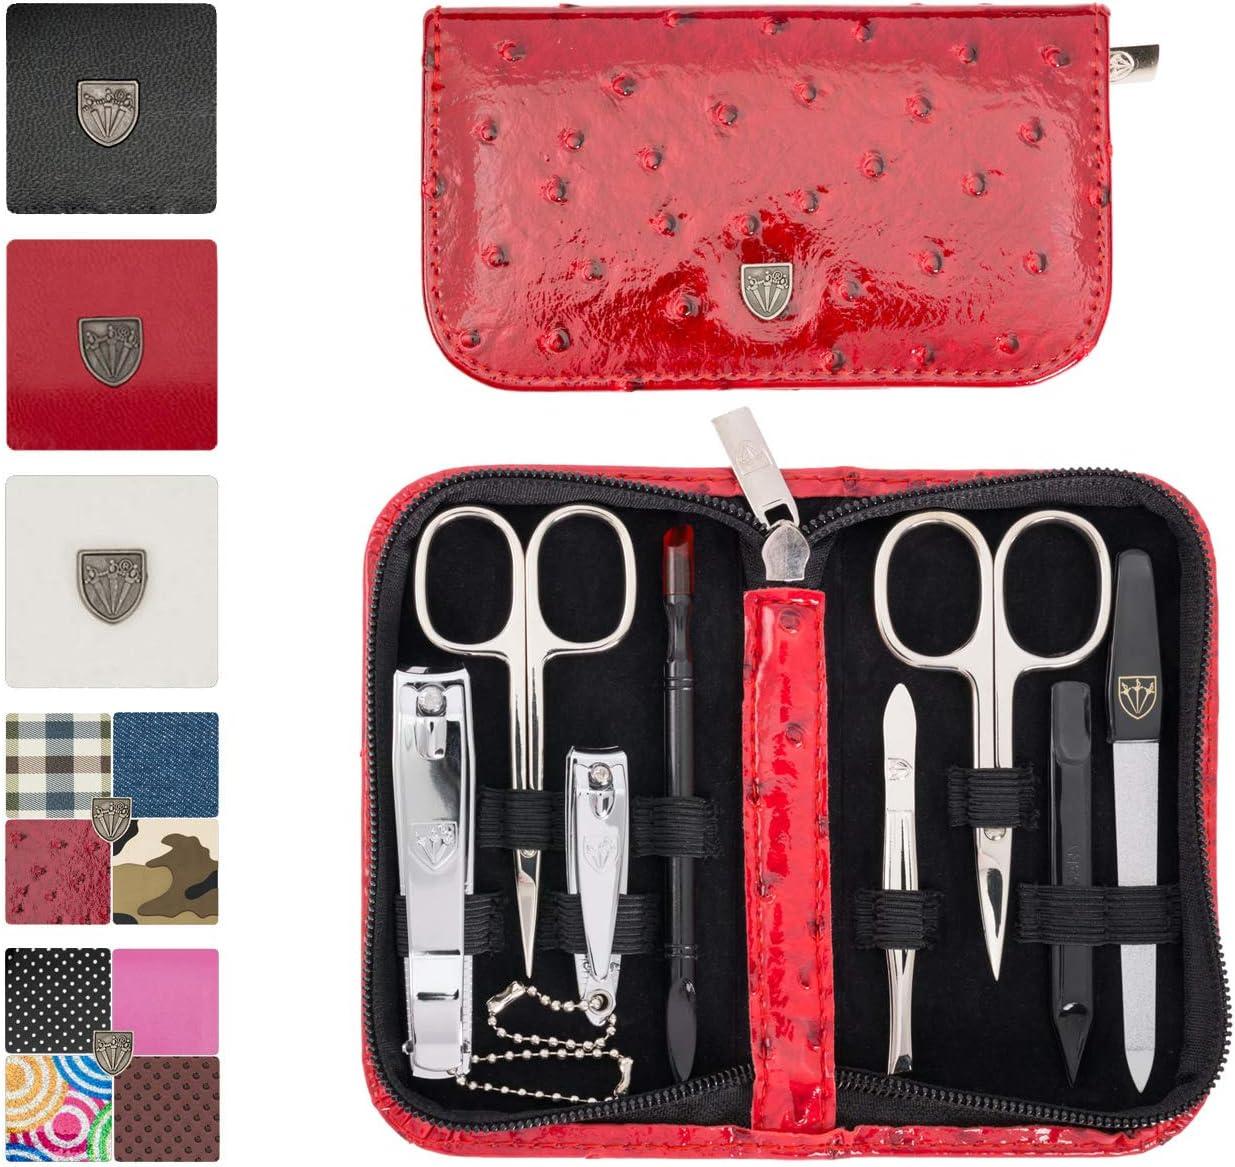 3 Swords Germany - Set para el cuidado de las uñas ´Salamanca` de viaje con estuche para manicura y pedicura - Calidad de marca by 3 Swords (7650): Amazon.es: Belleza